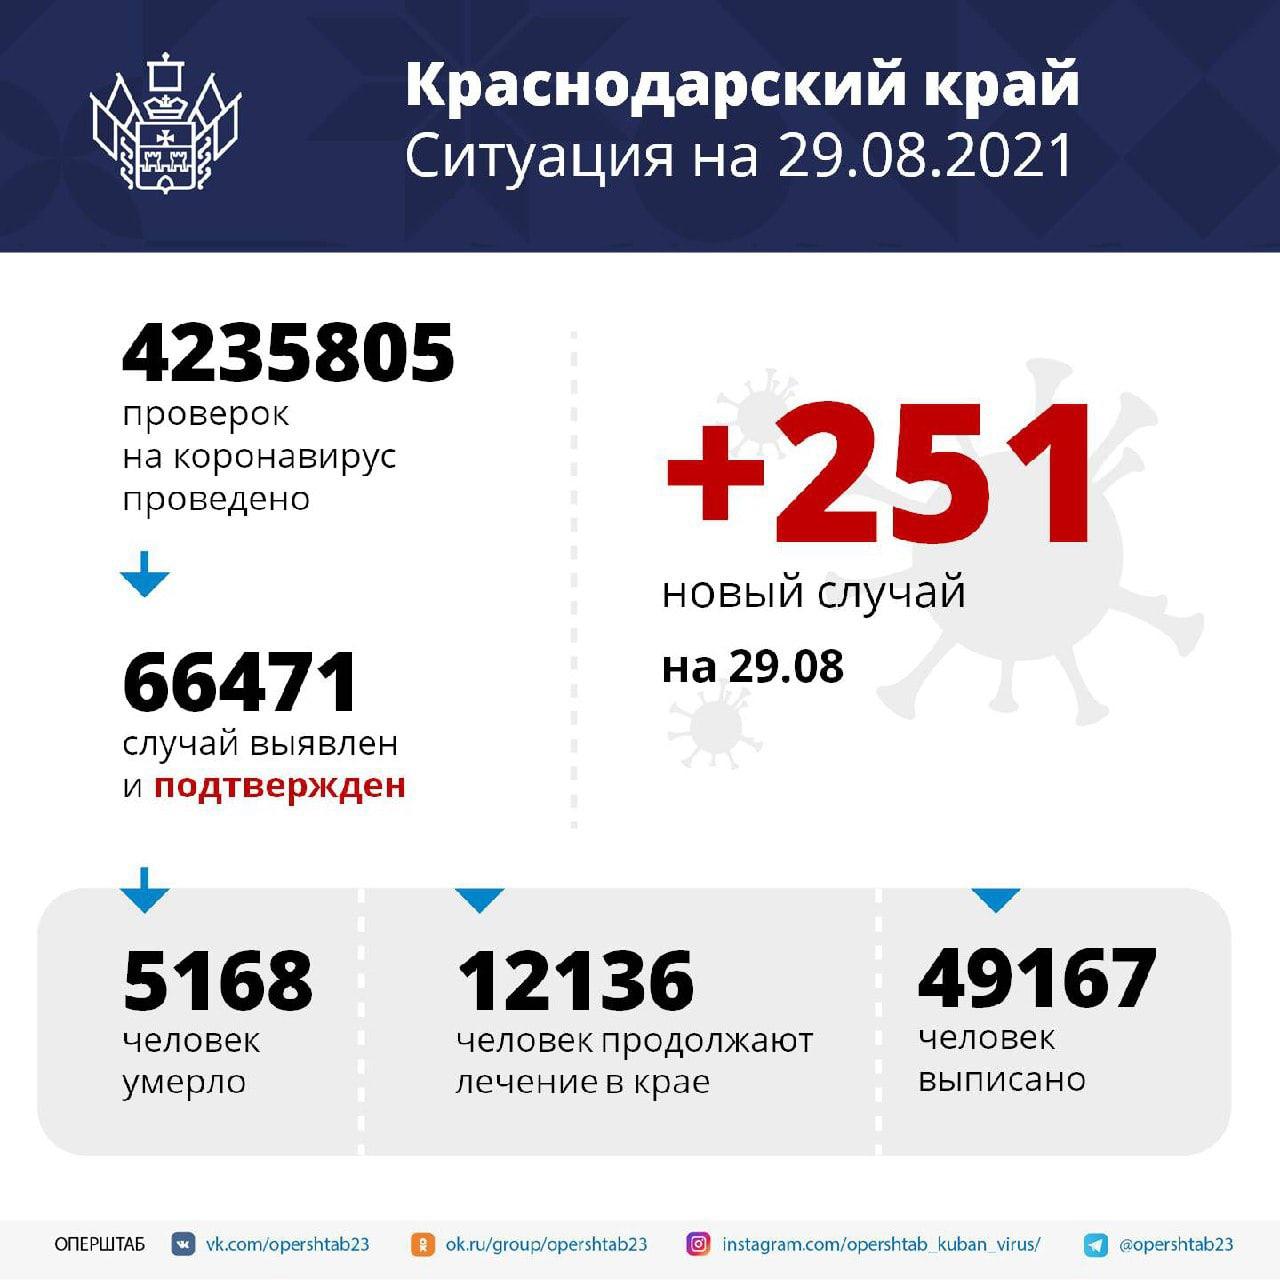 За сутки в Краснодарском крае скончались 35 человек...